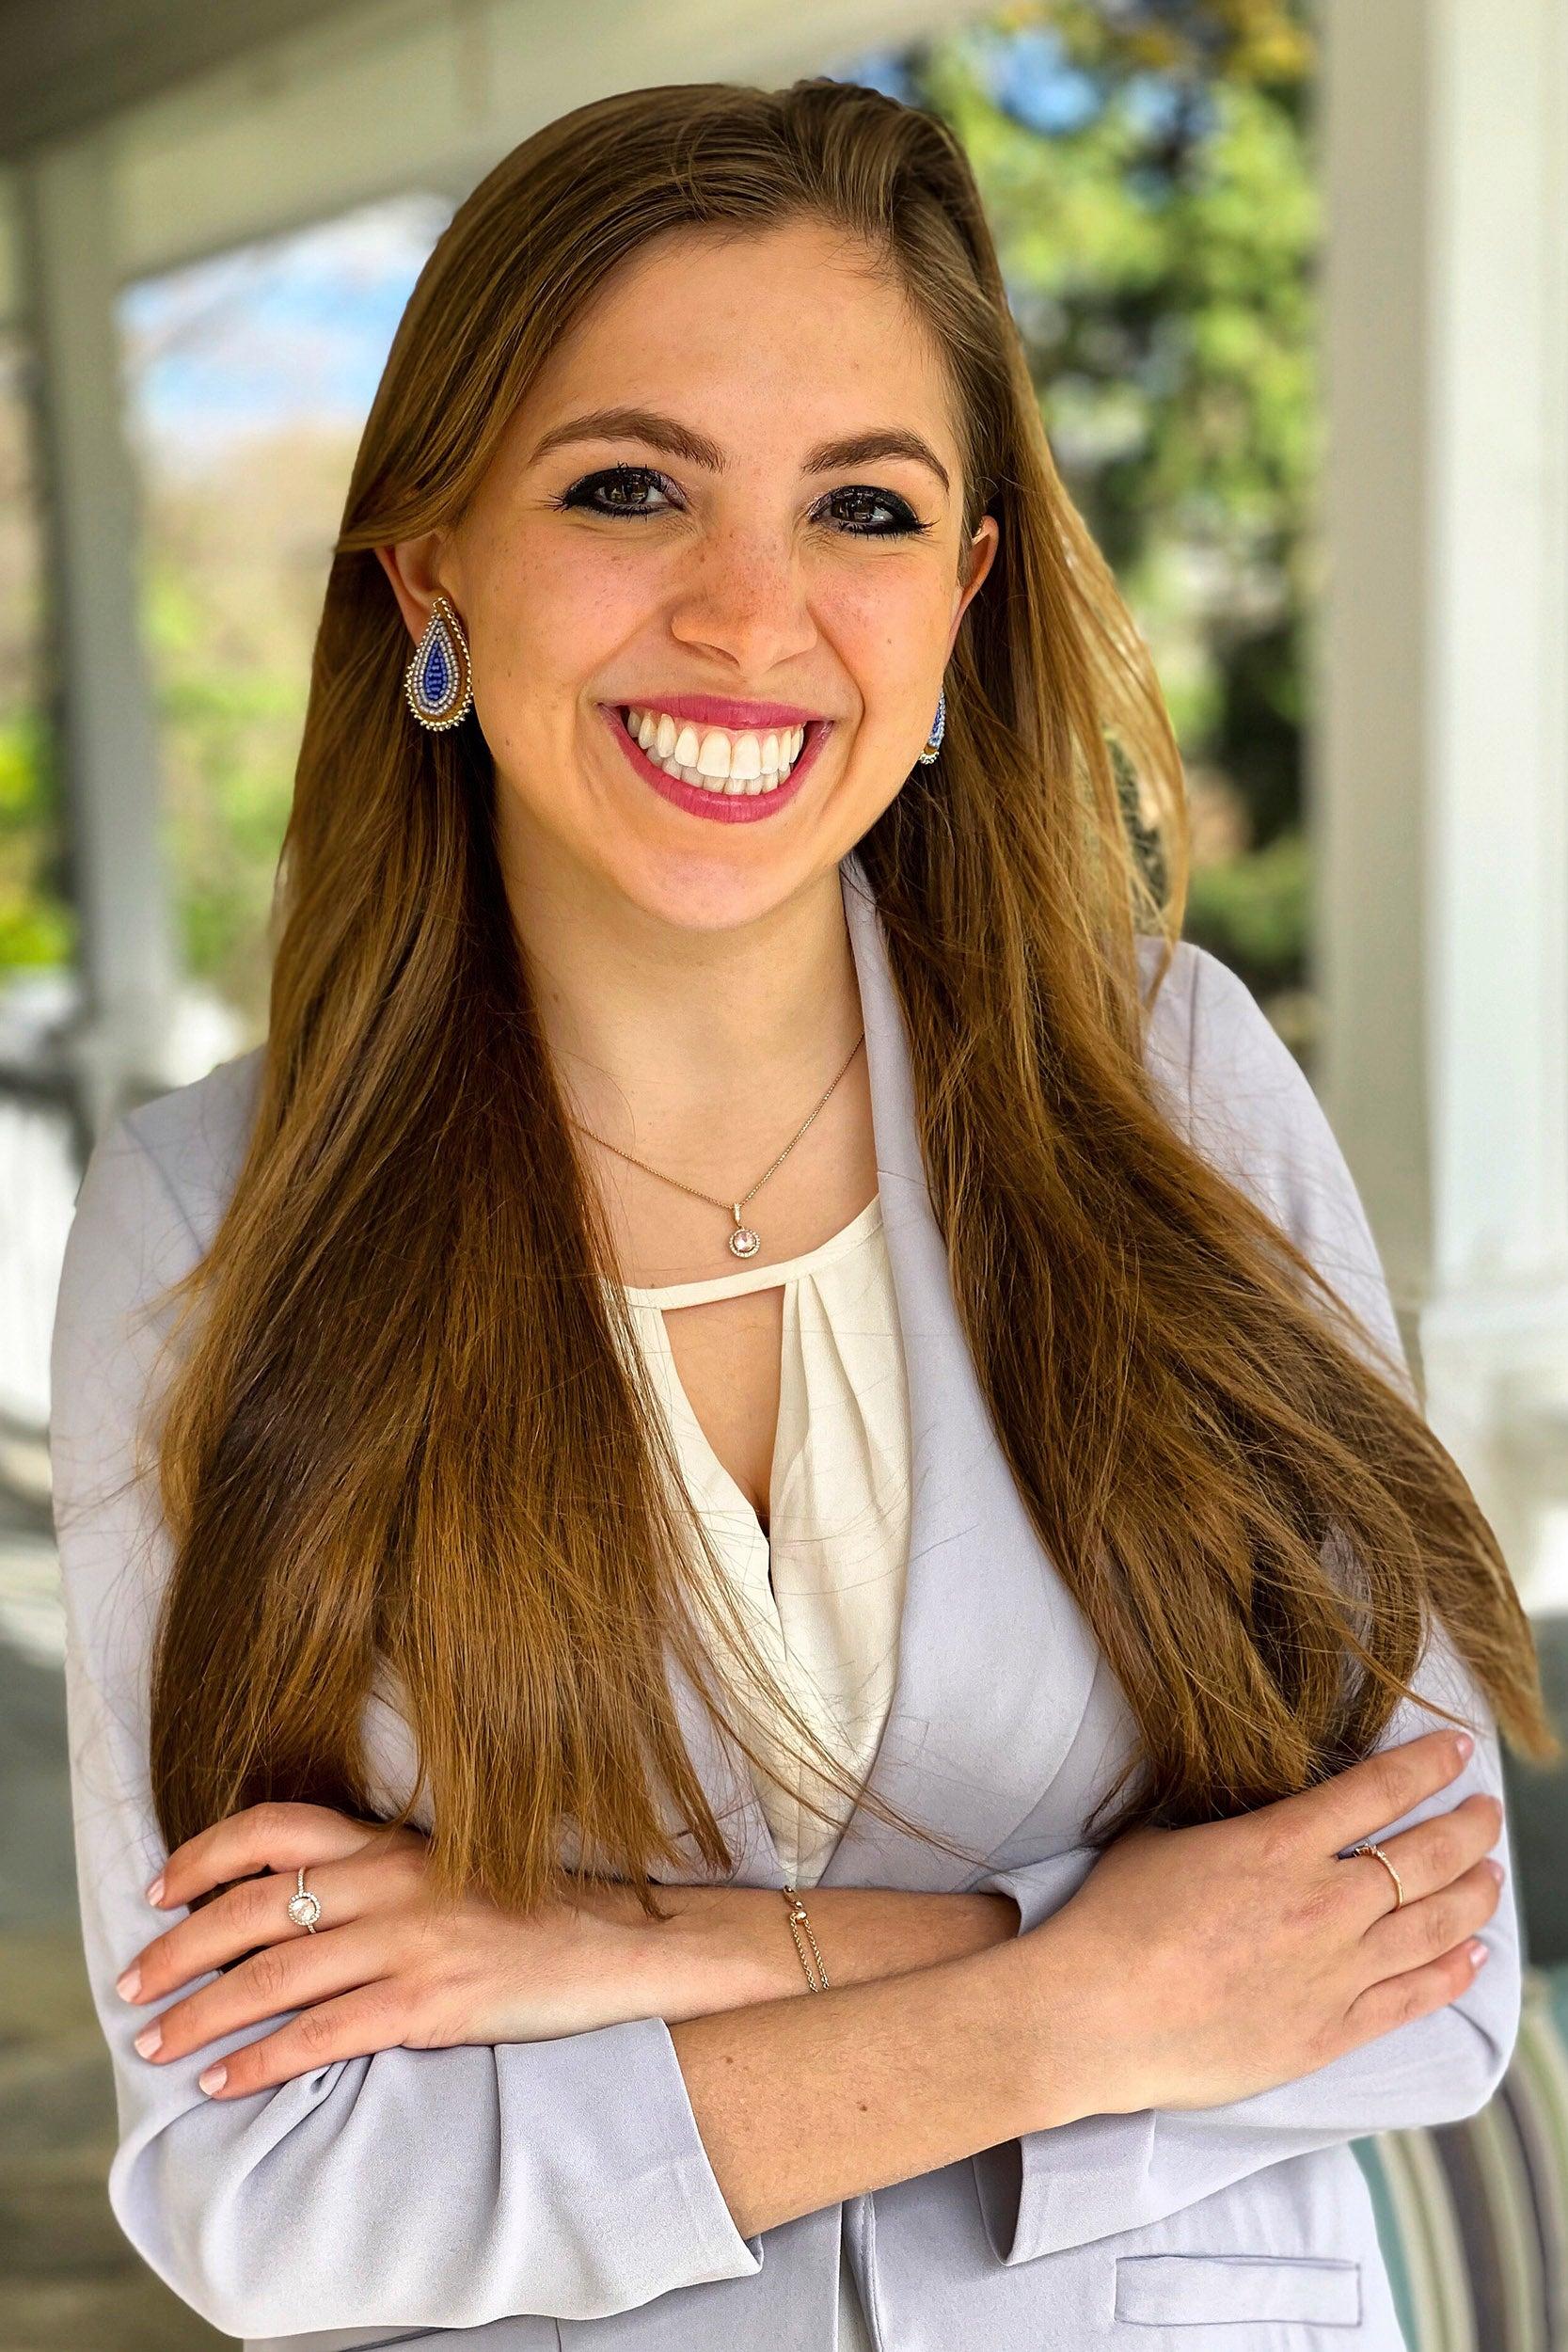 Sarah Sadlier